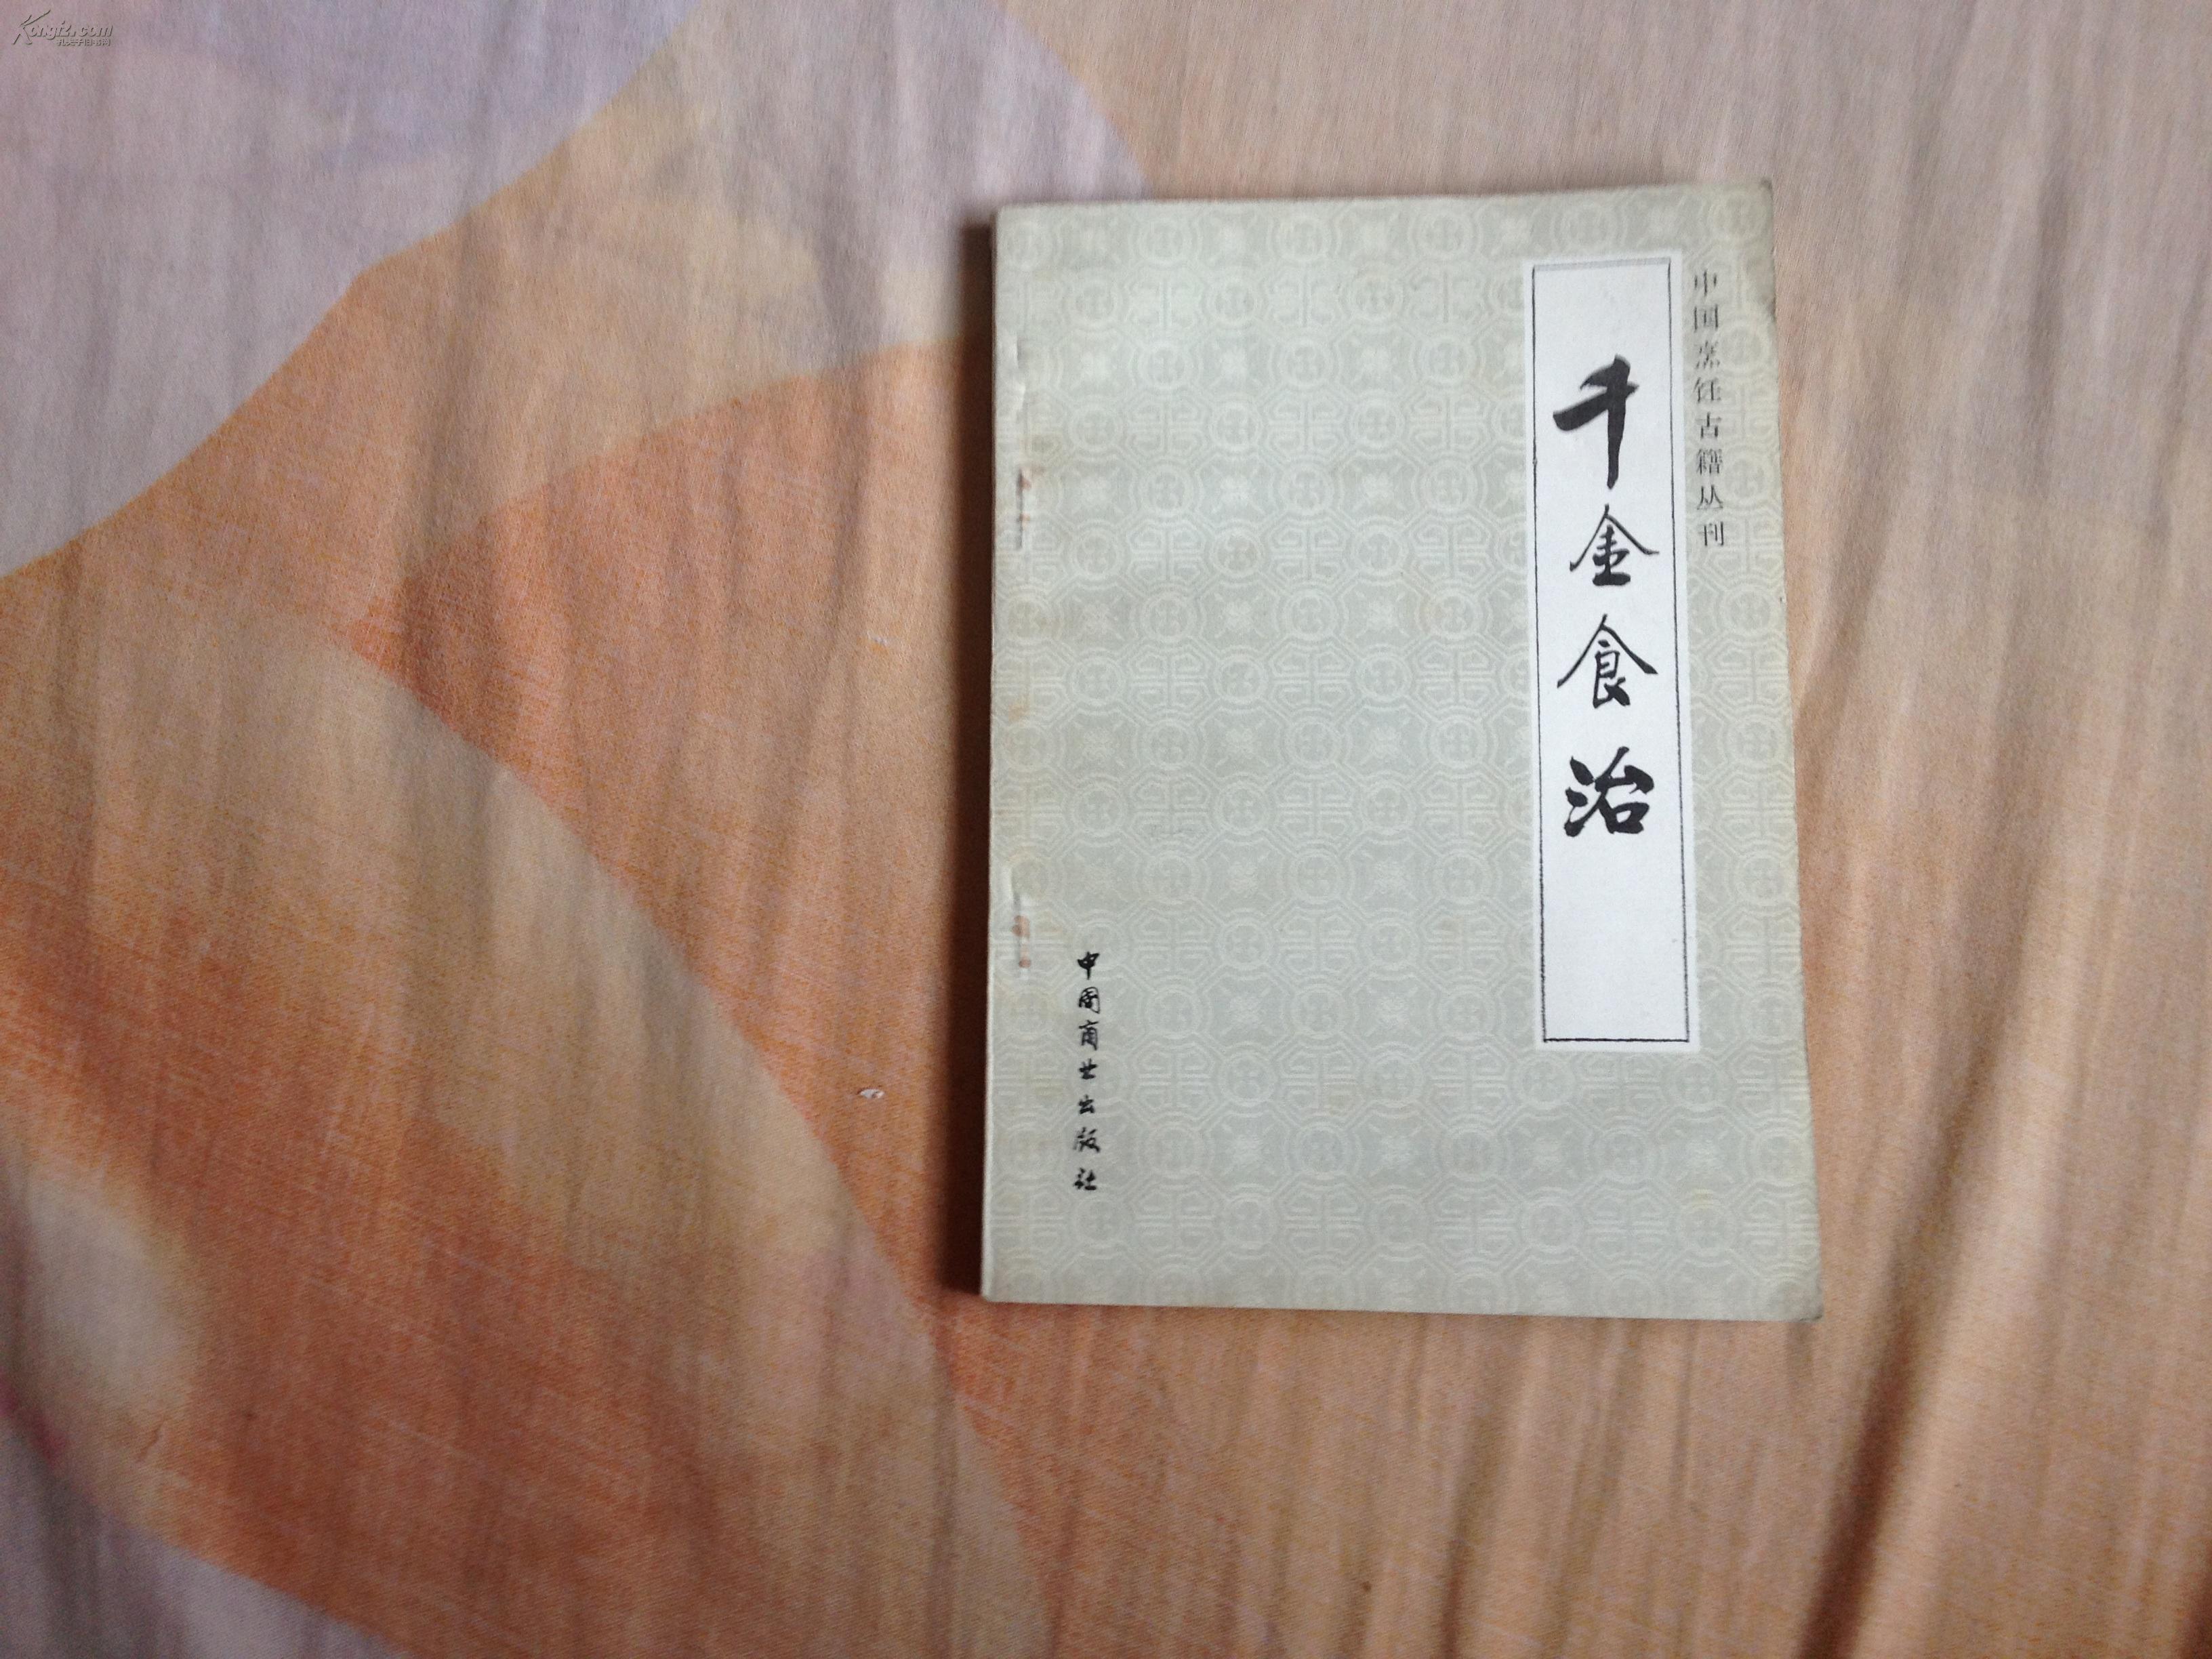 作者: (唐)孙思邈 撰 吴受琚  注释 出版社: 中国商业出版社 印刷